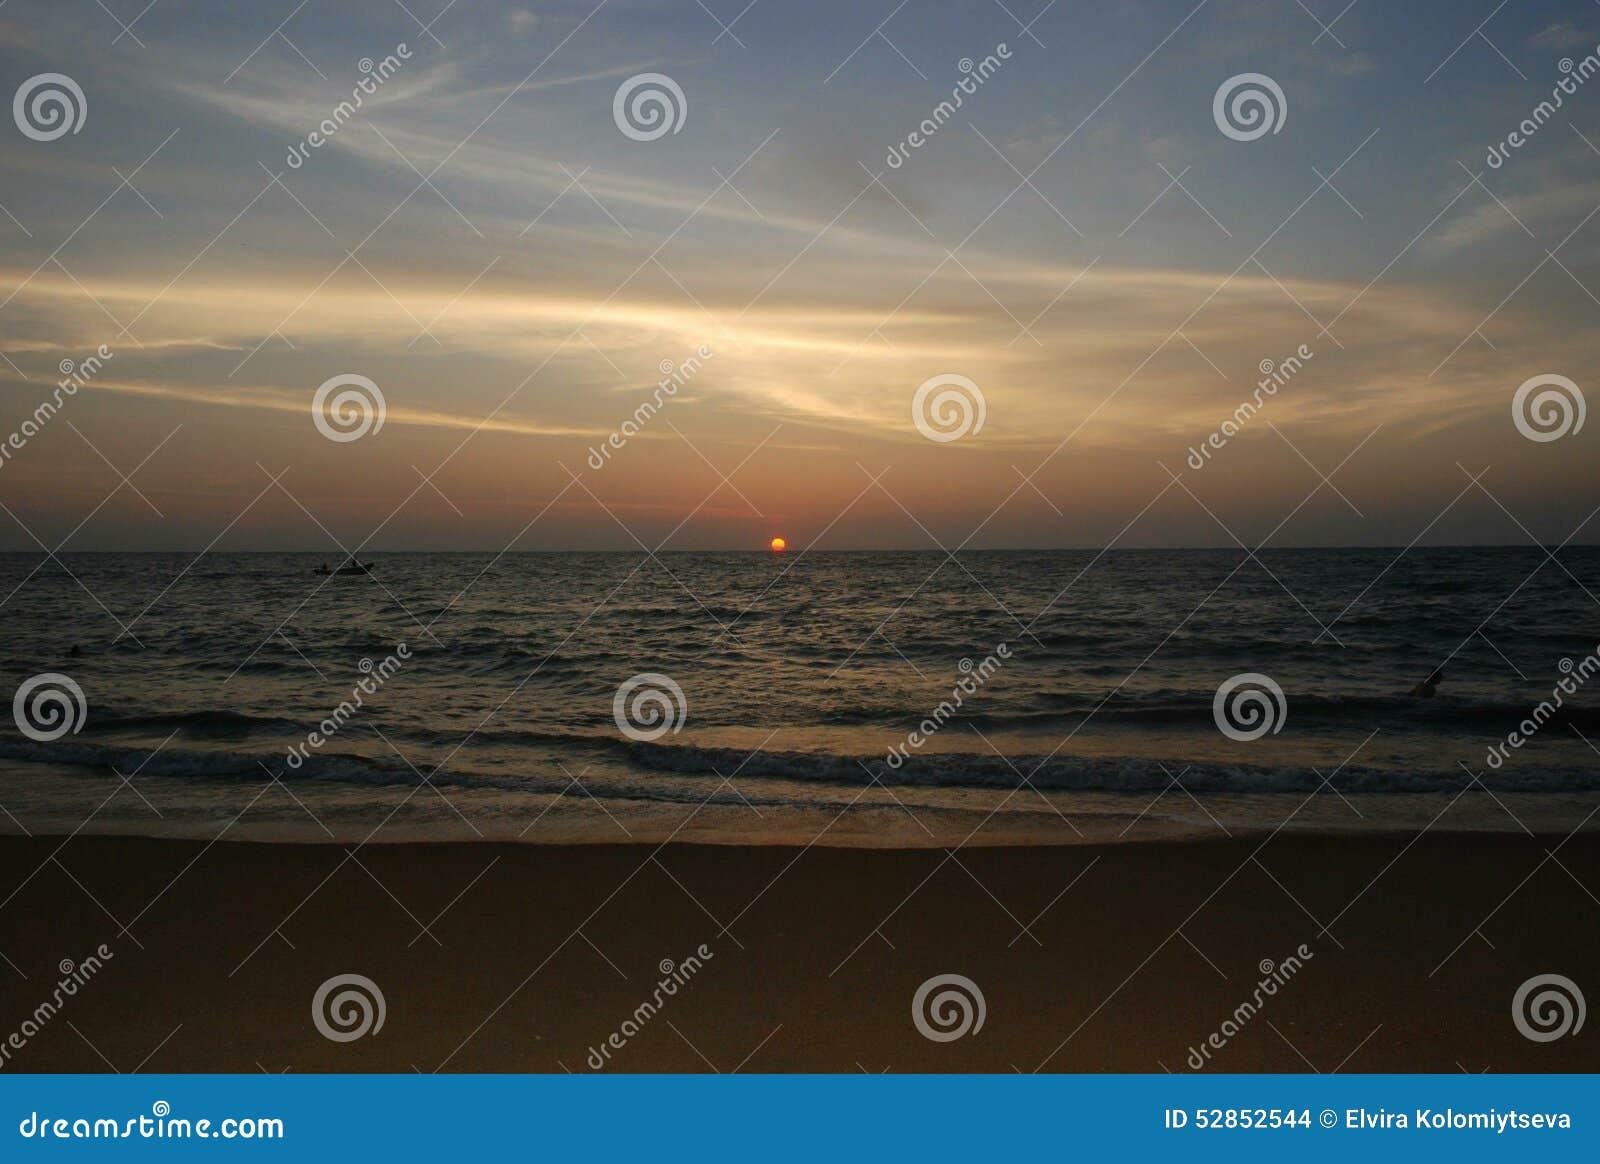 Zmierzch przy morzem, ocean